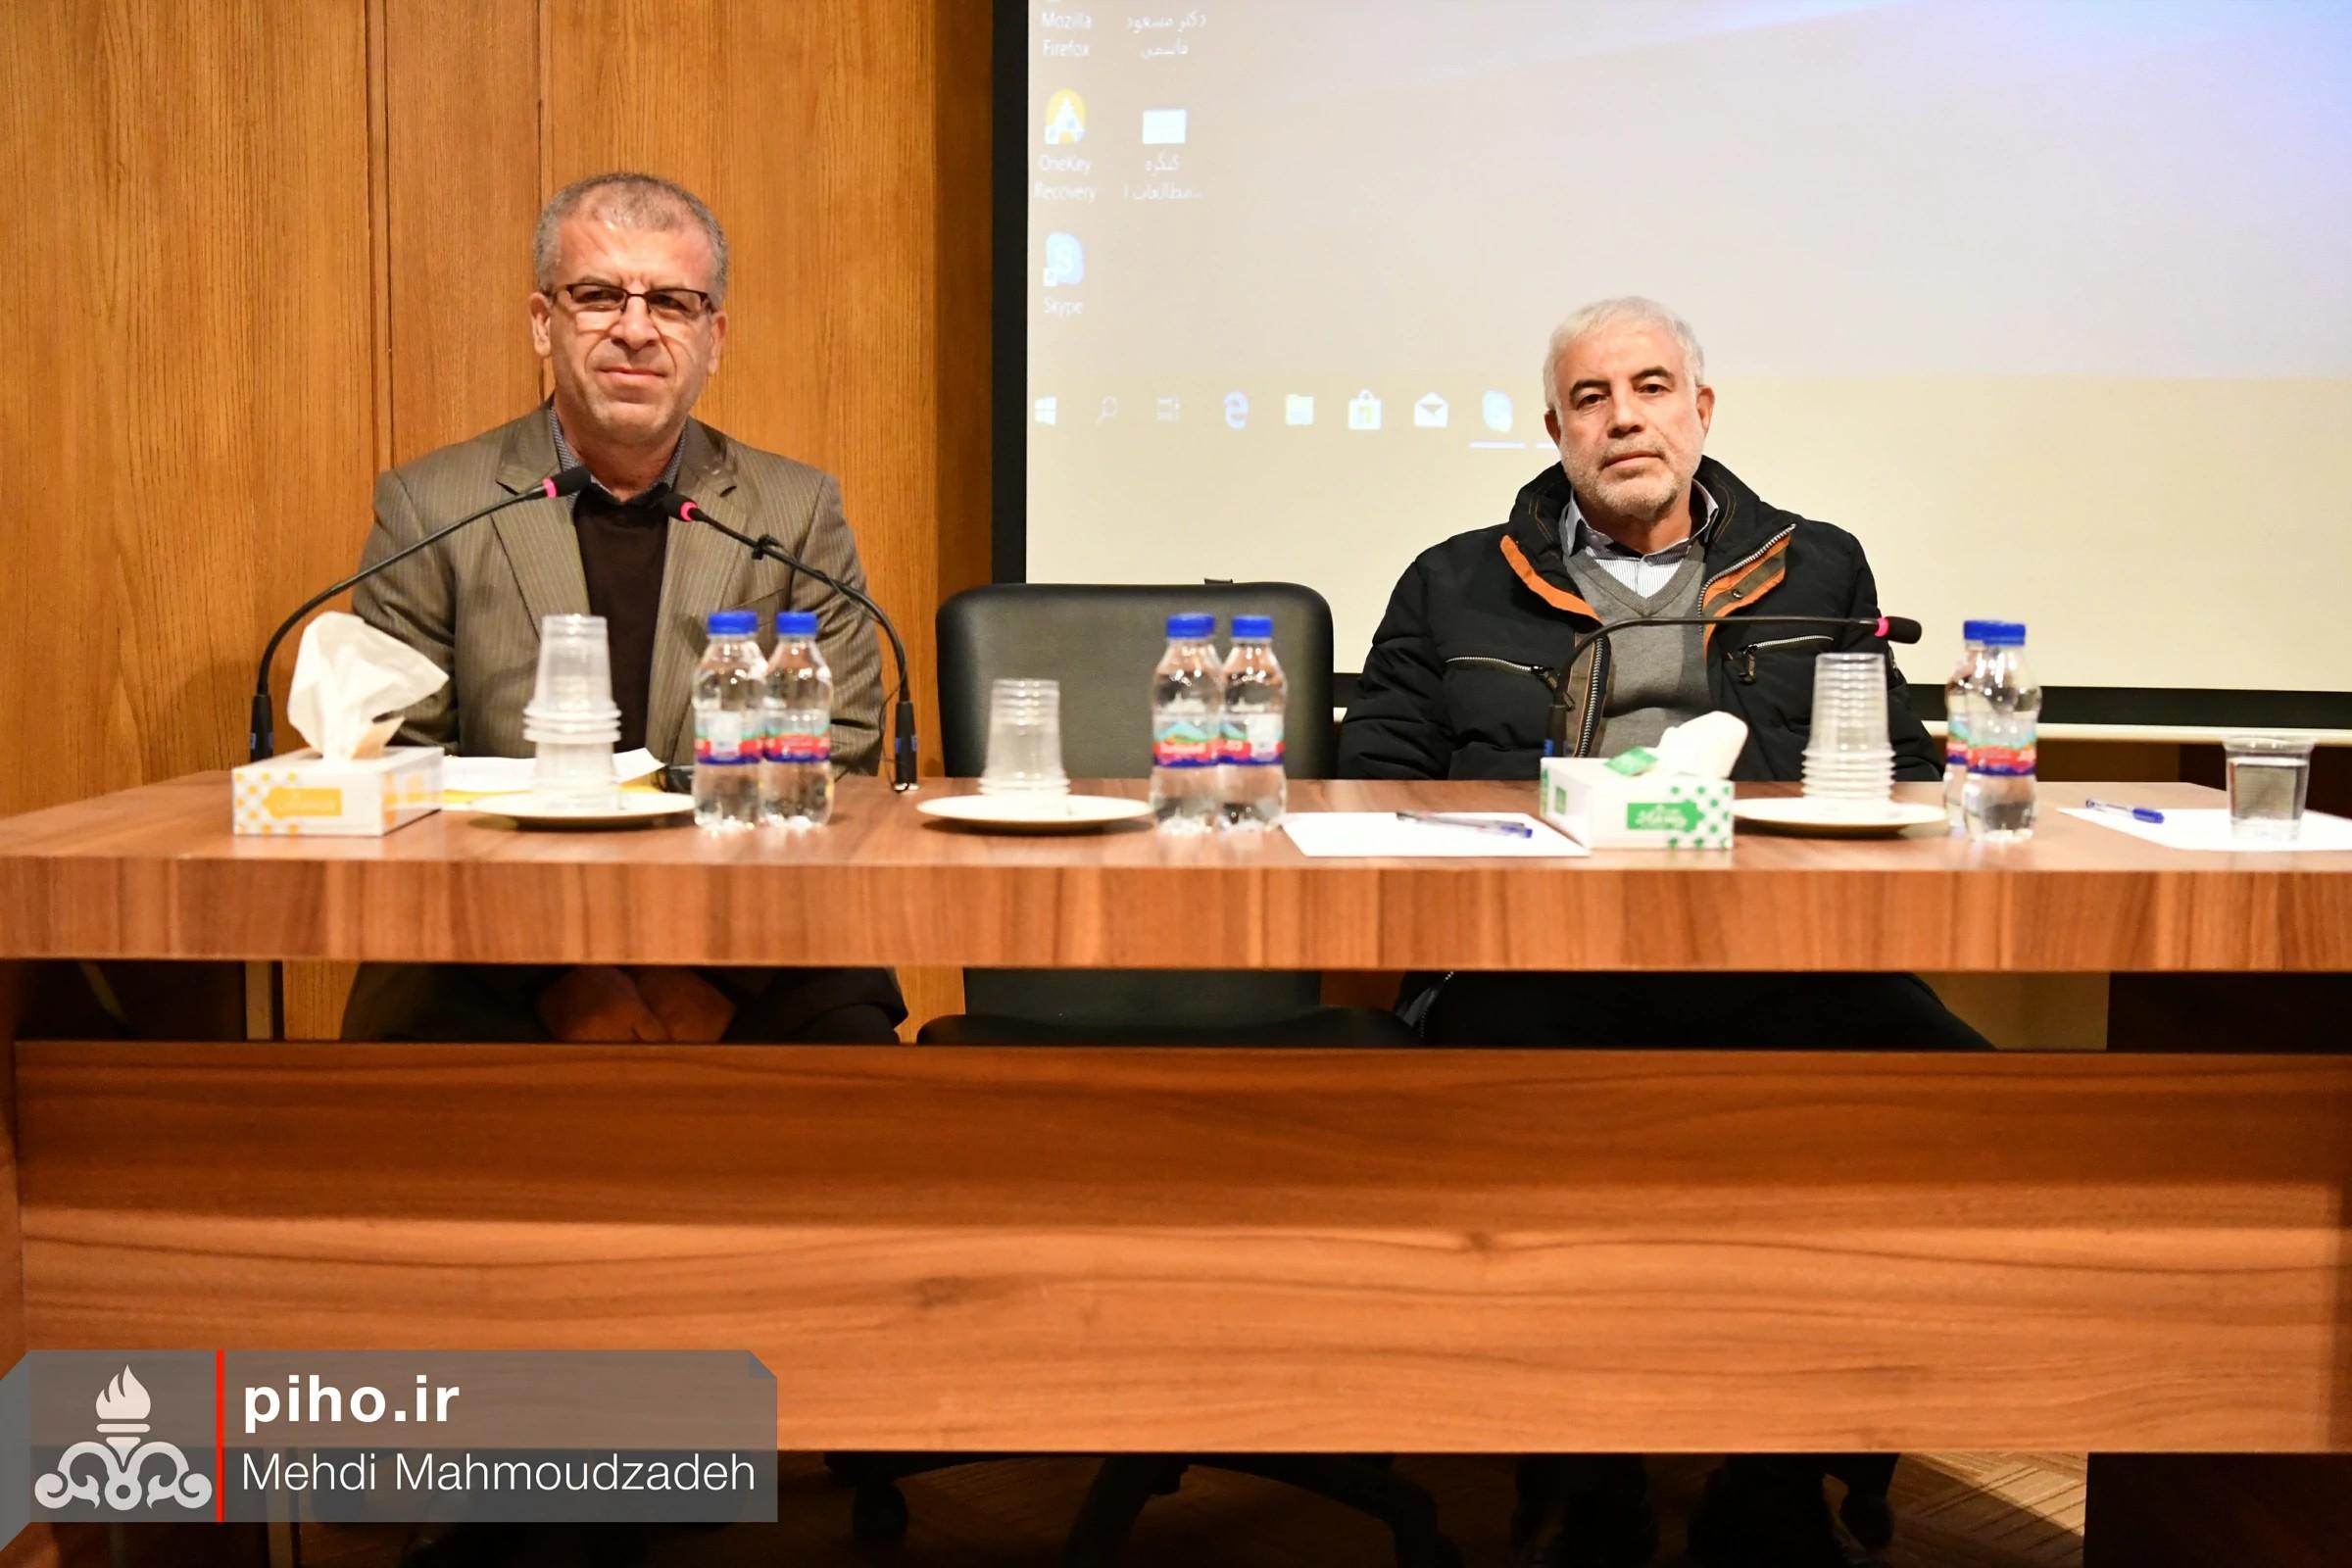 گردهمایی تاریخ پزشکی در صنعت نفت 14